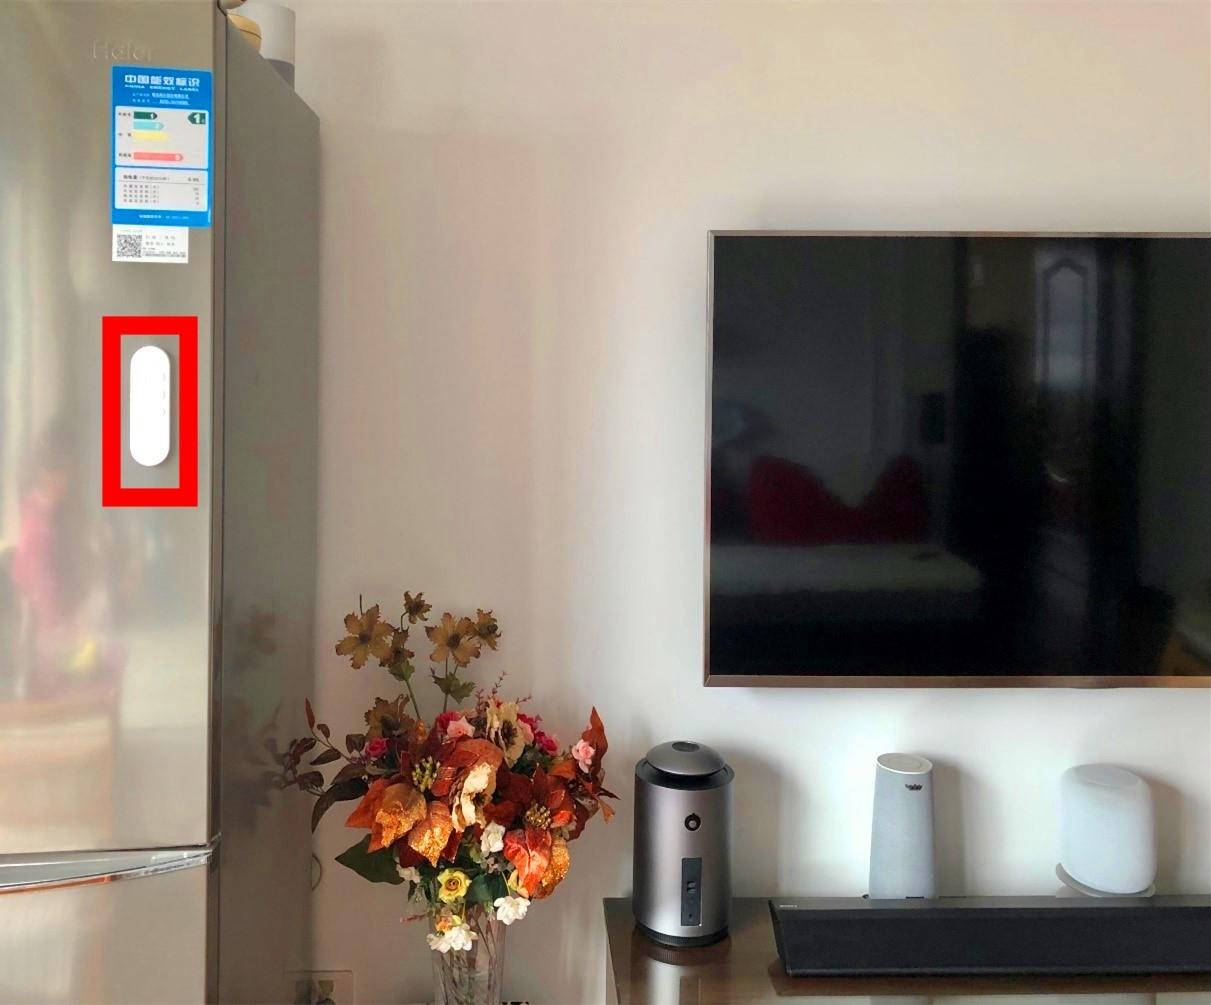 [测评]开帘是科技,合帘是艺术 —— Aqara智能窗帘电机A1插图23